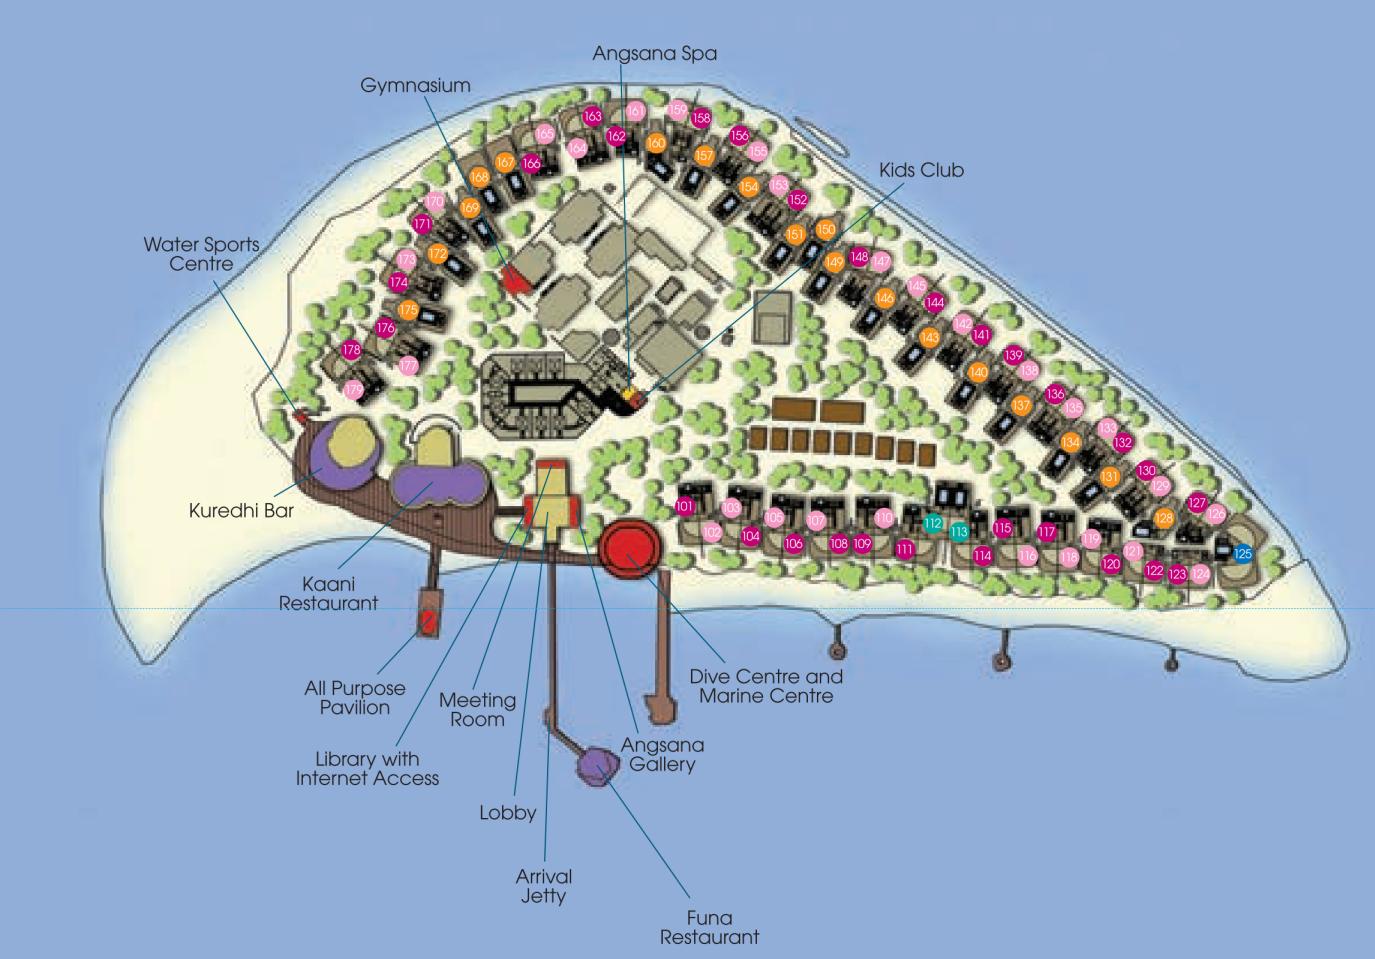 马尔代夫 薇拉瓦鲁岛|AV岛|海龟岛 Angsana velavaru 平面地图查看